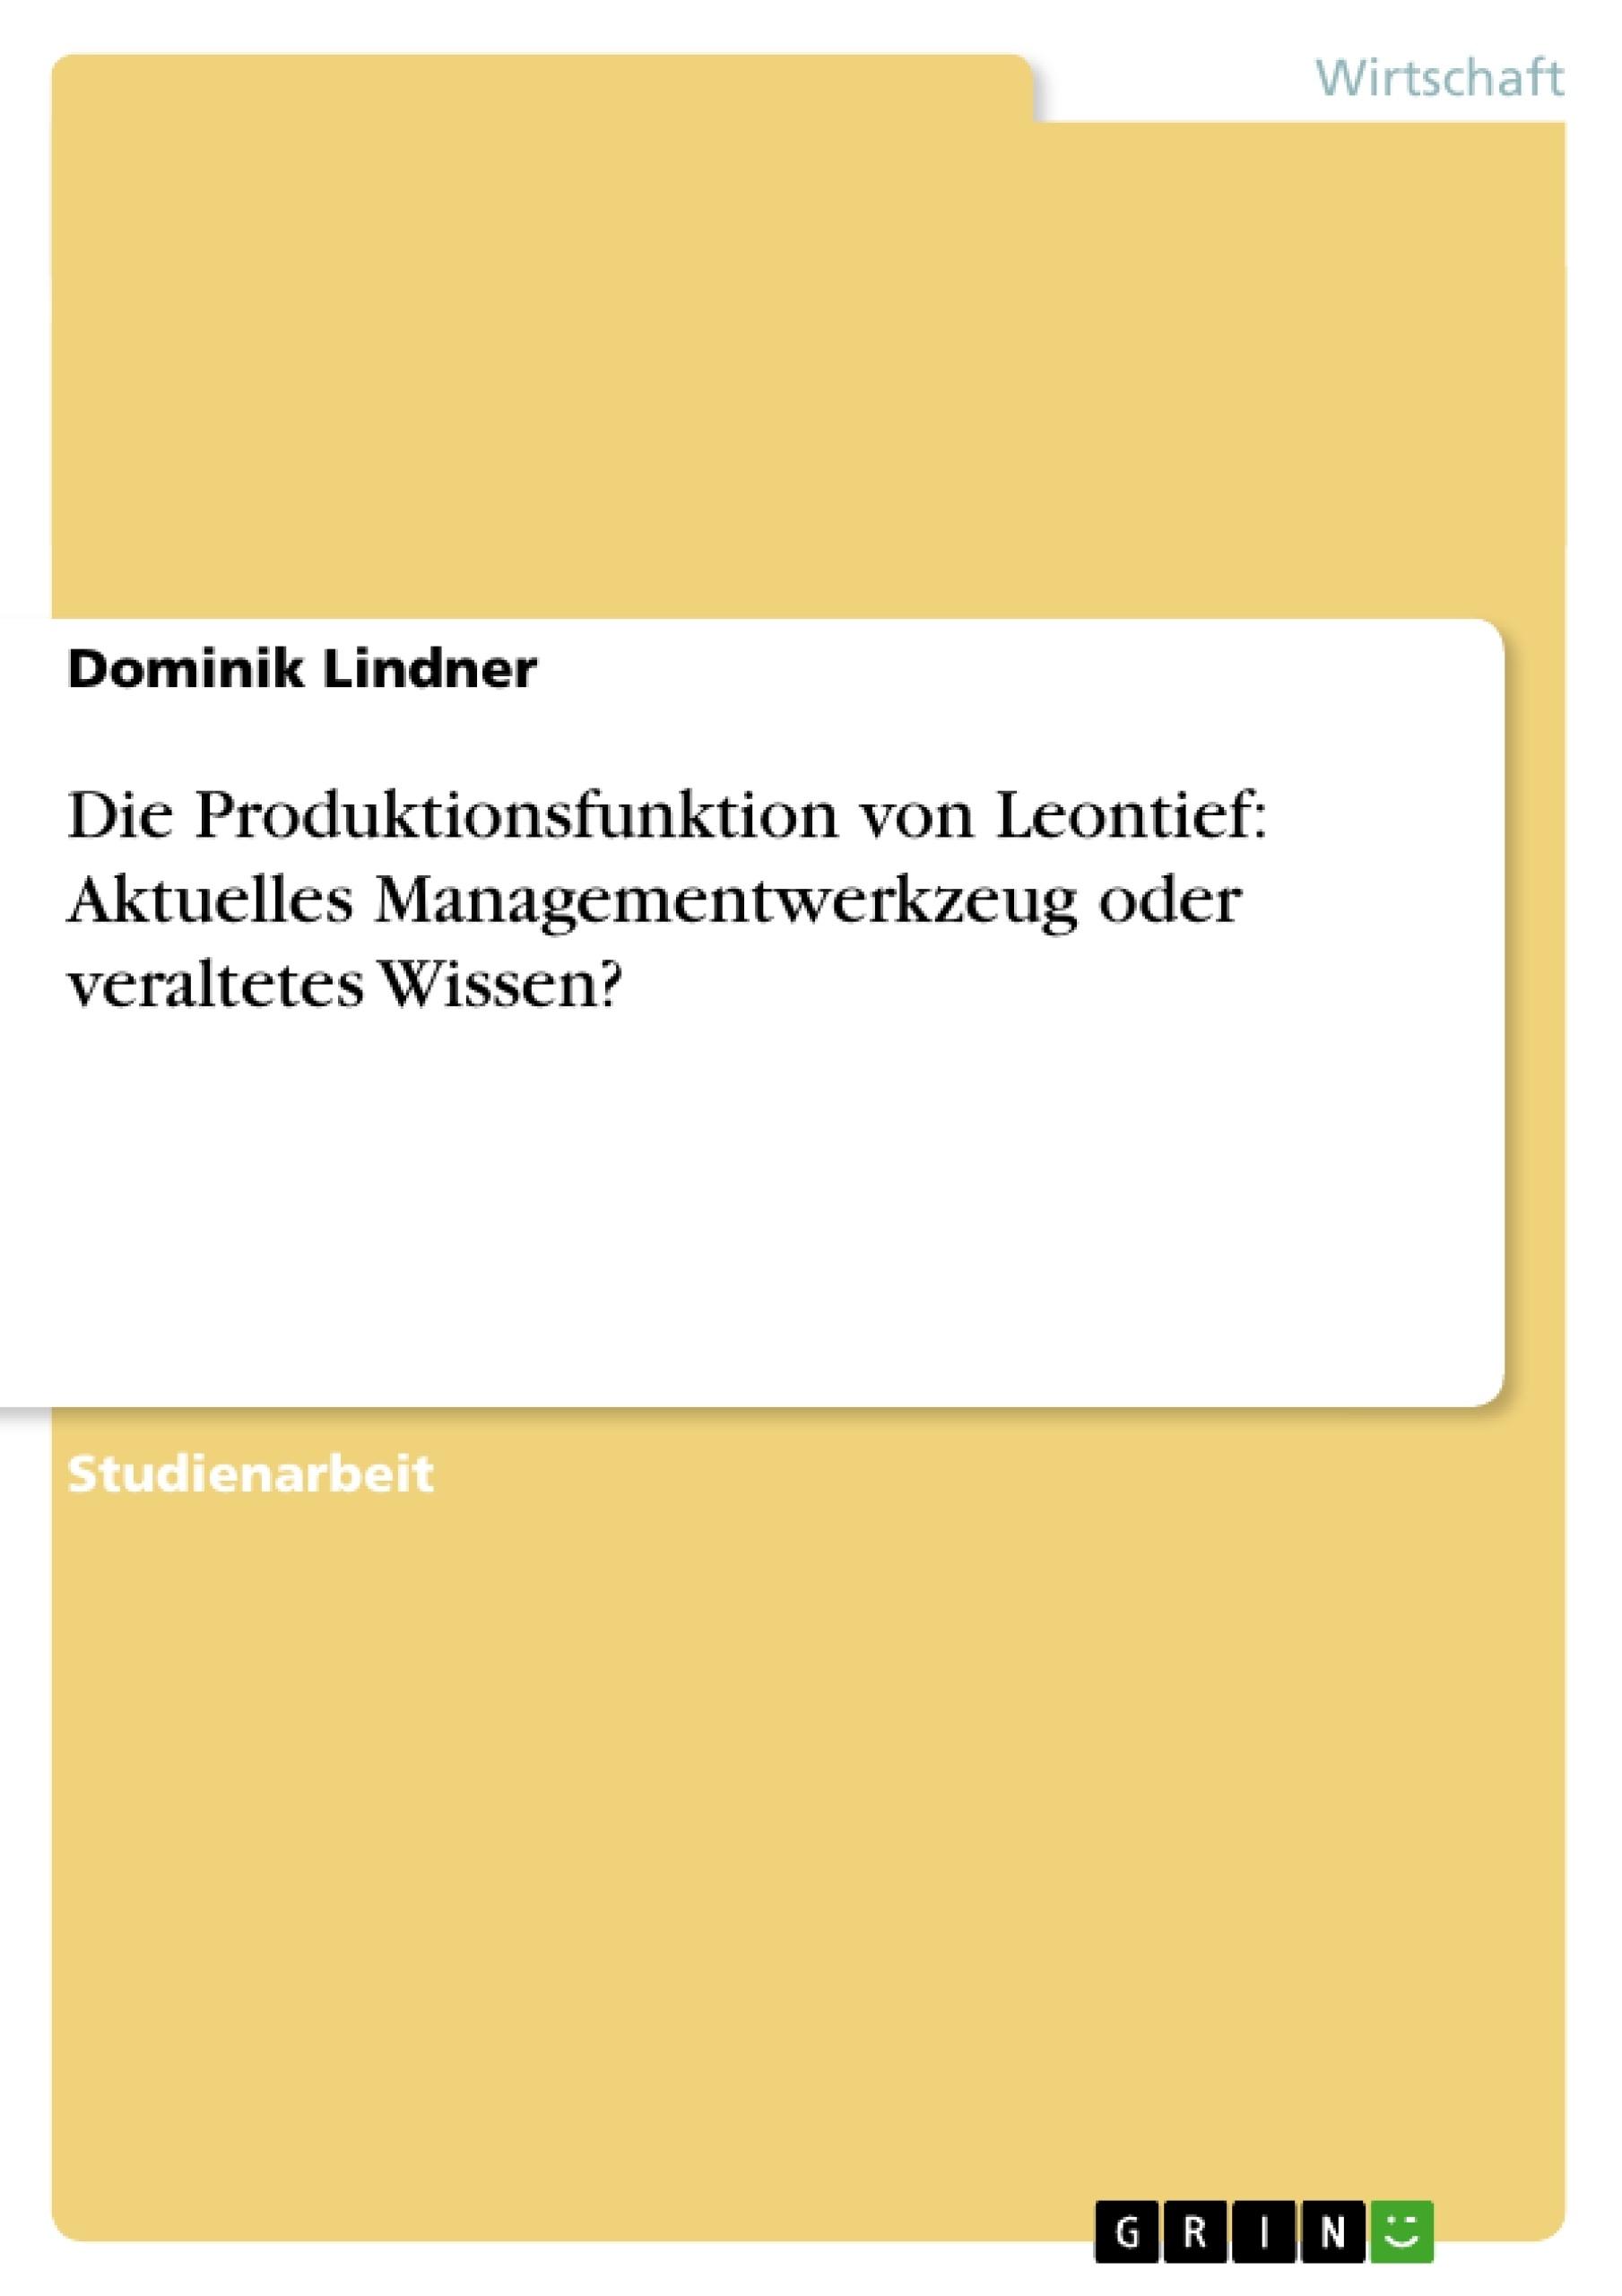 Titel: Die Produktionsfunktion von Leontief: Aktuelles Managementwerkzeug oder veraltetes Wissen?